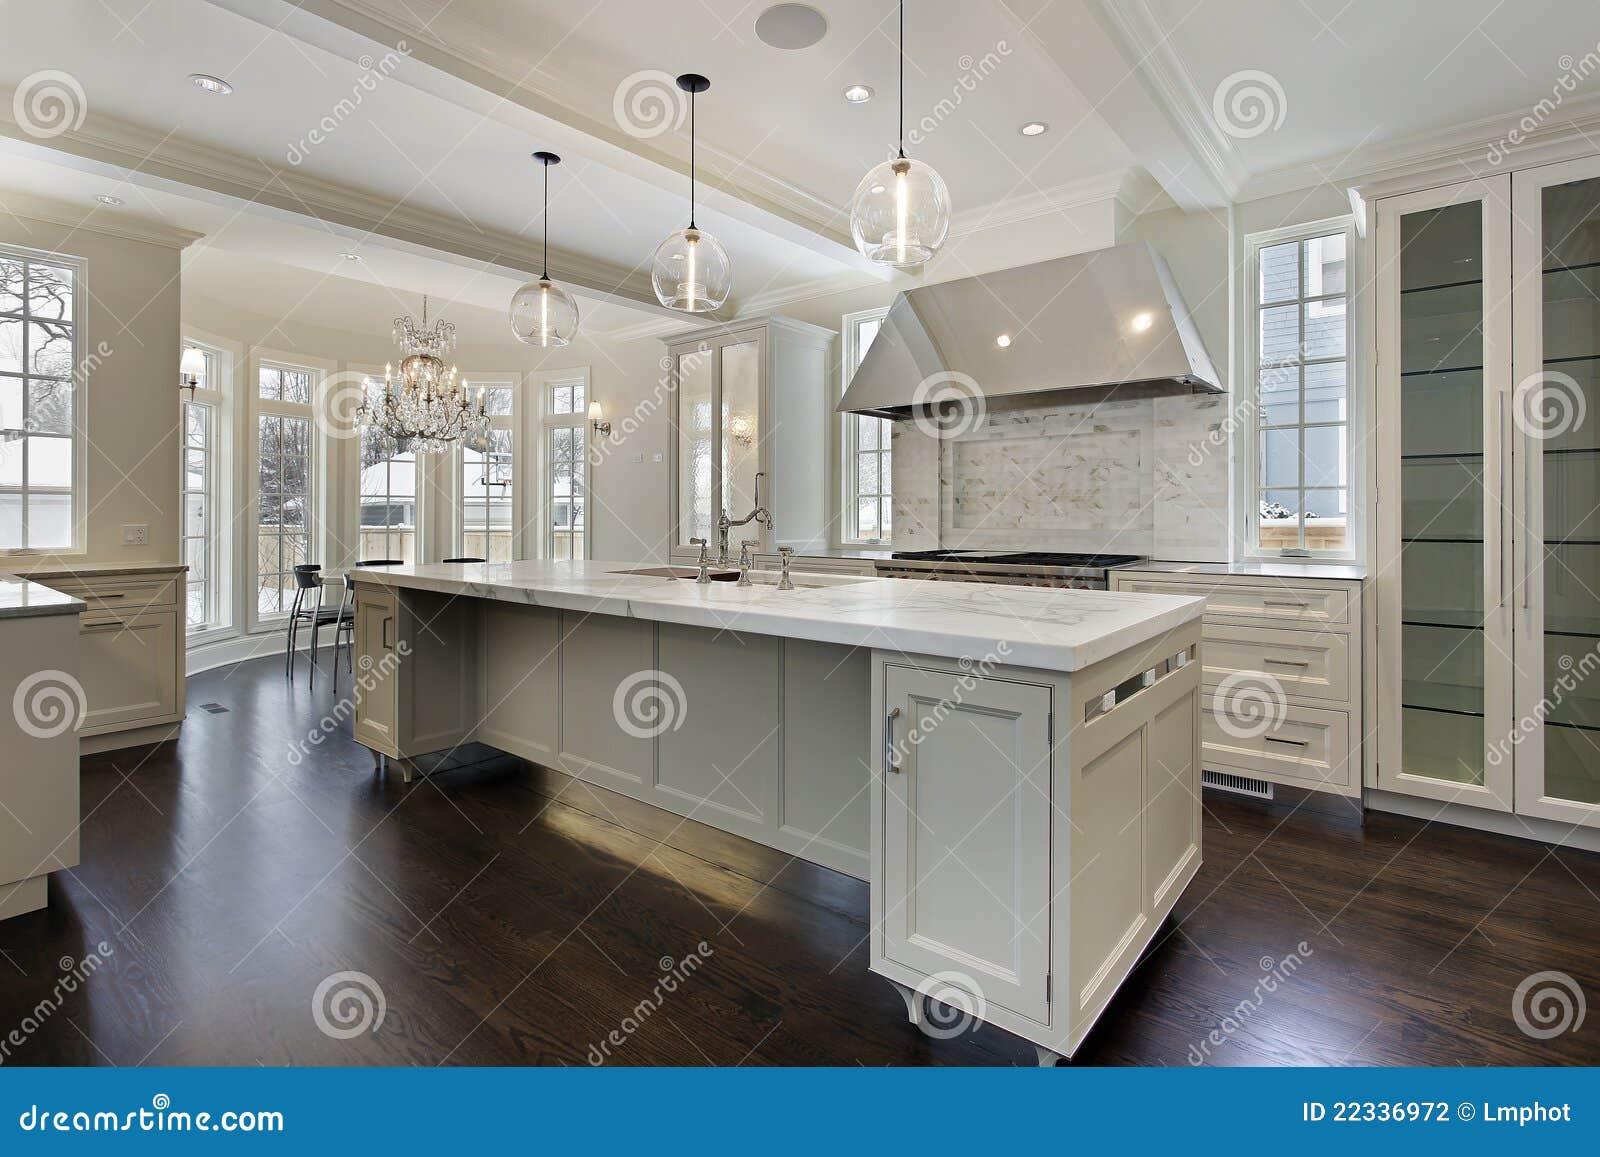 Cuisine moderne dans la maison de construction neuve for Construction cuisine